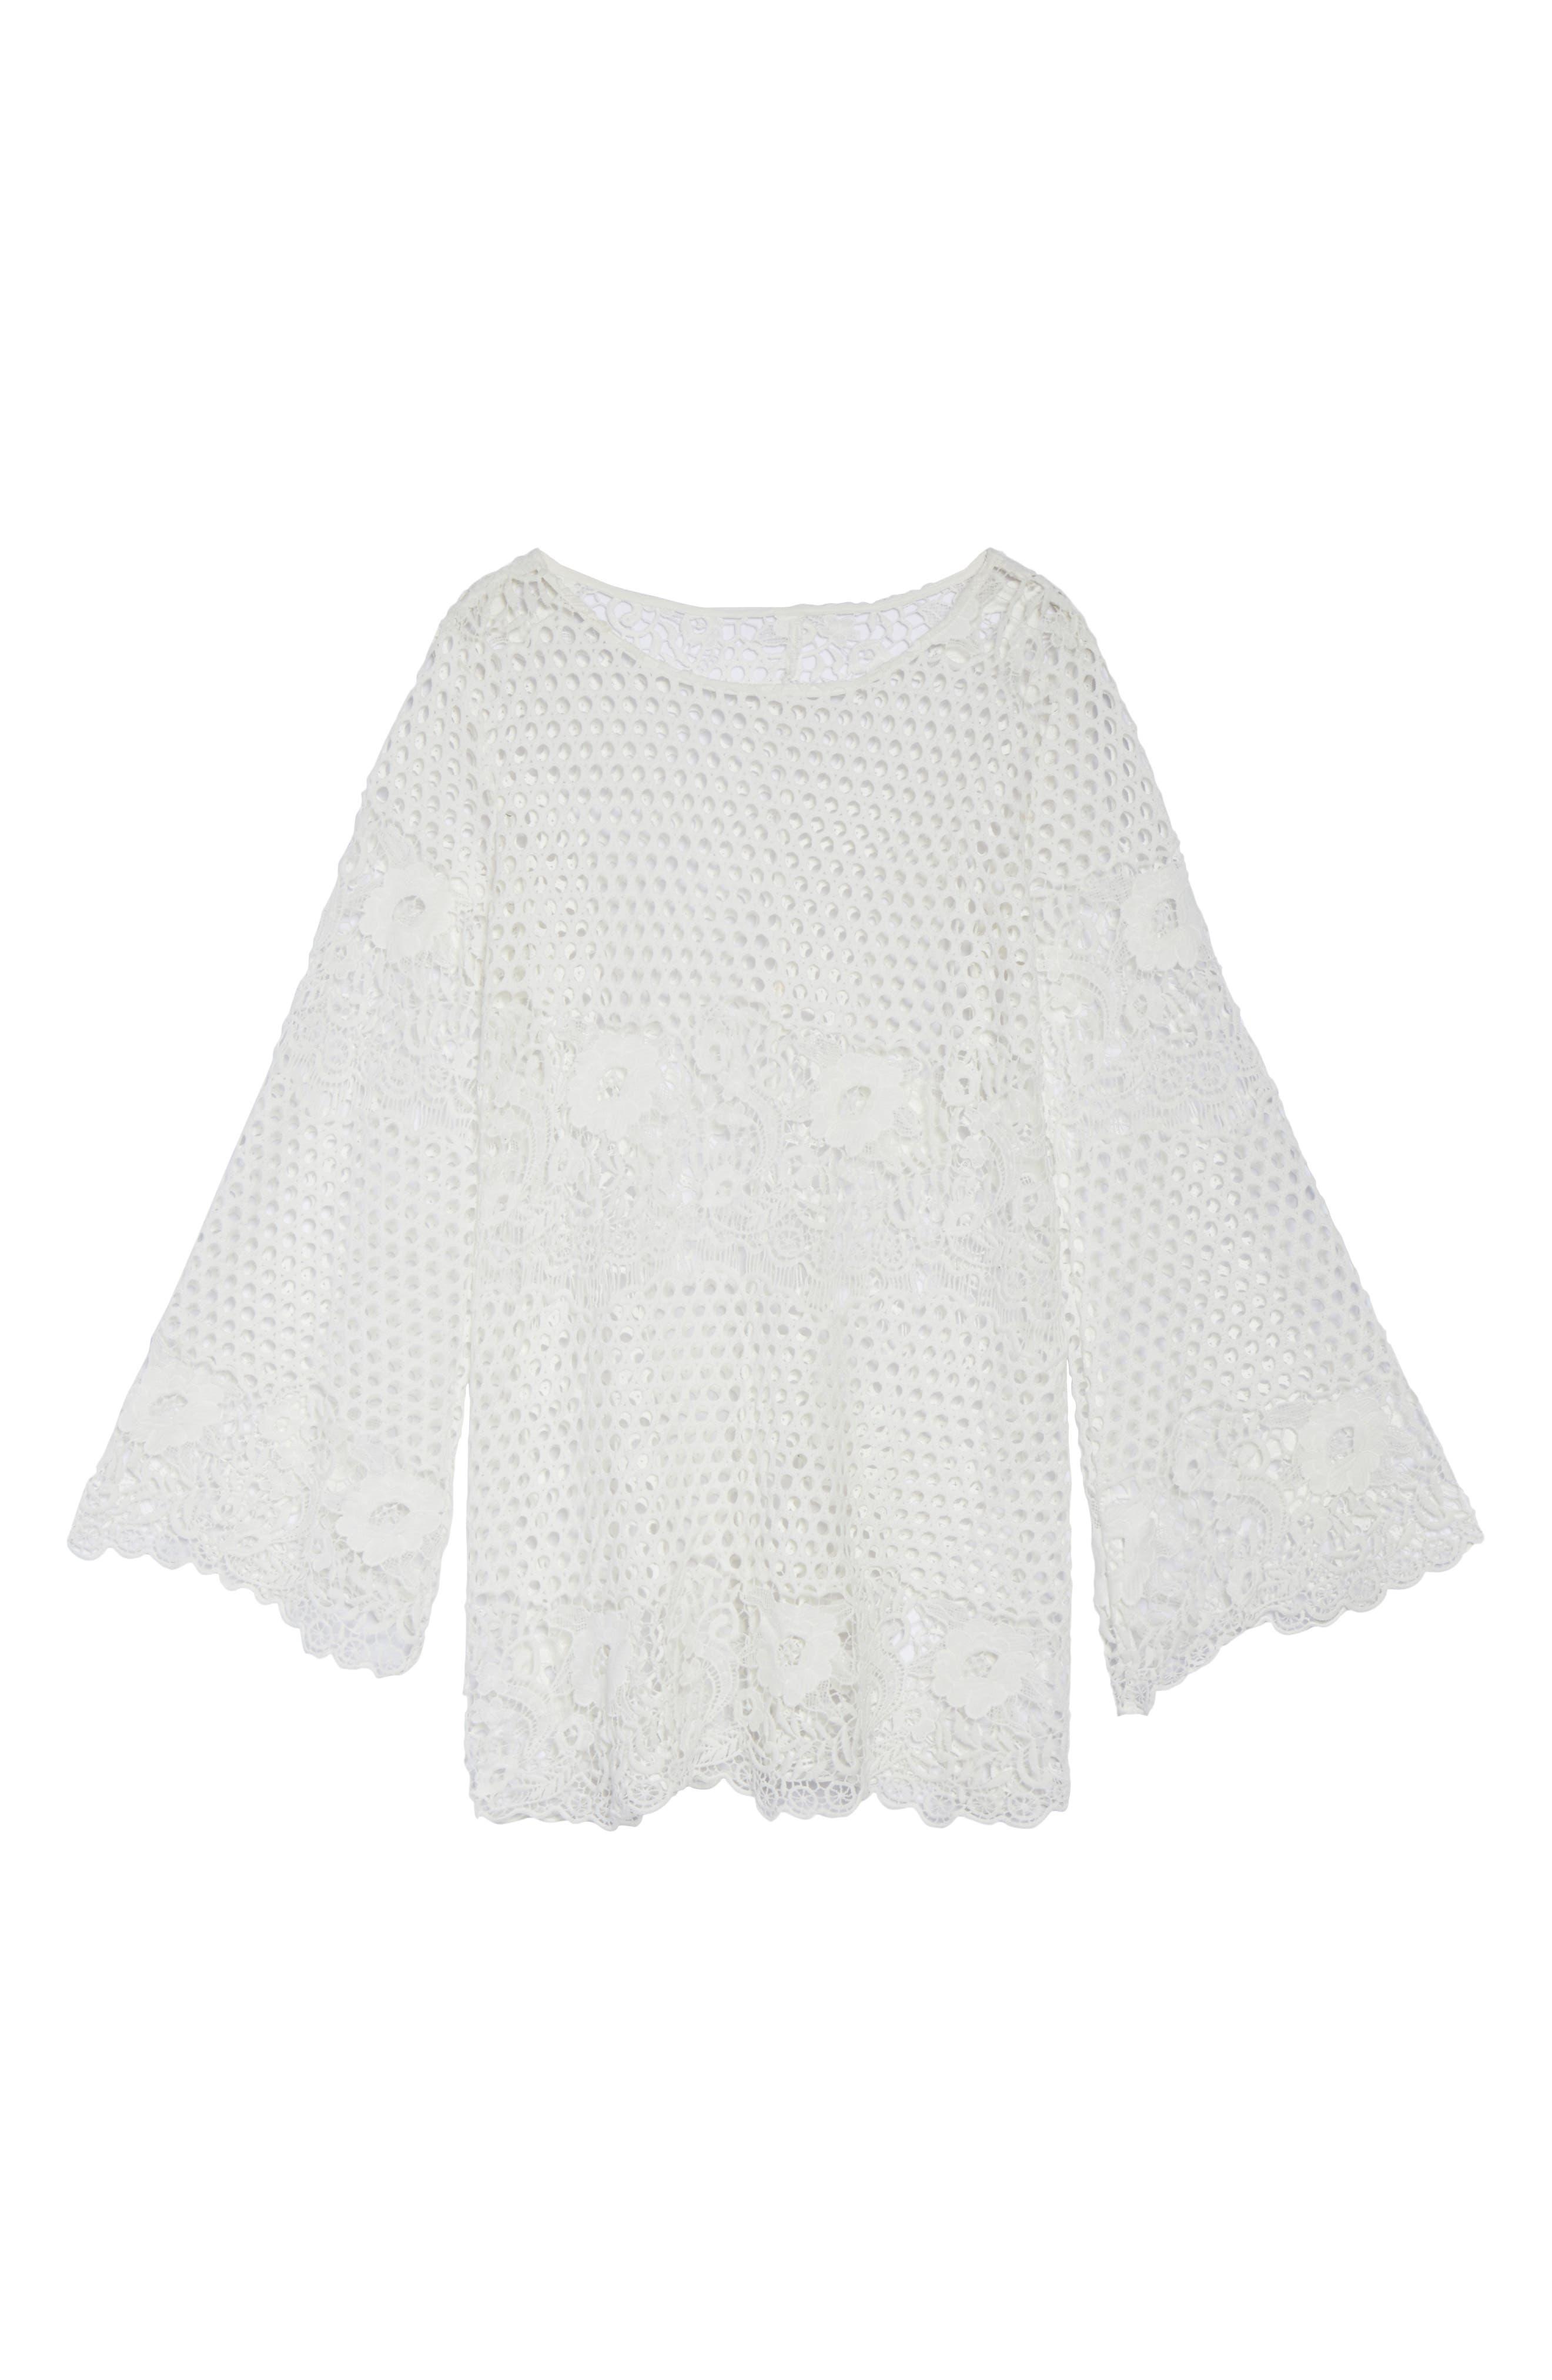 Crochet Cover-Up,                             Alternate thumbnail 6, color,                             White